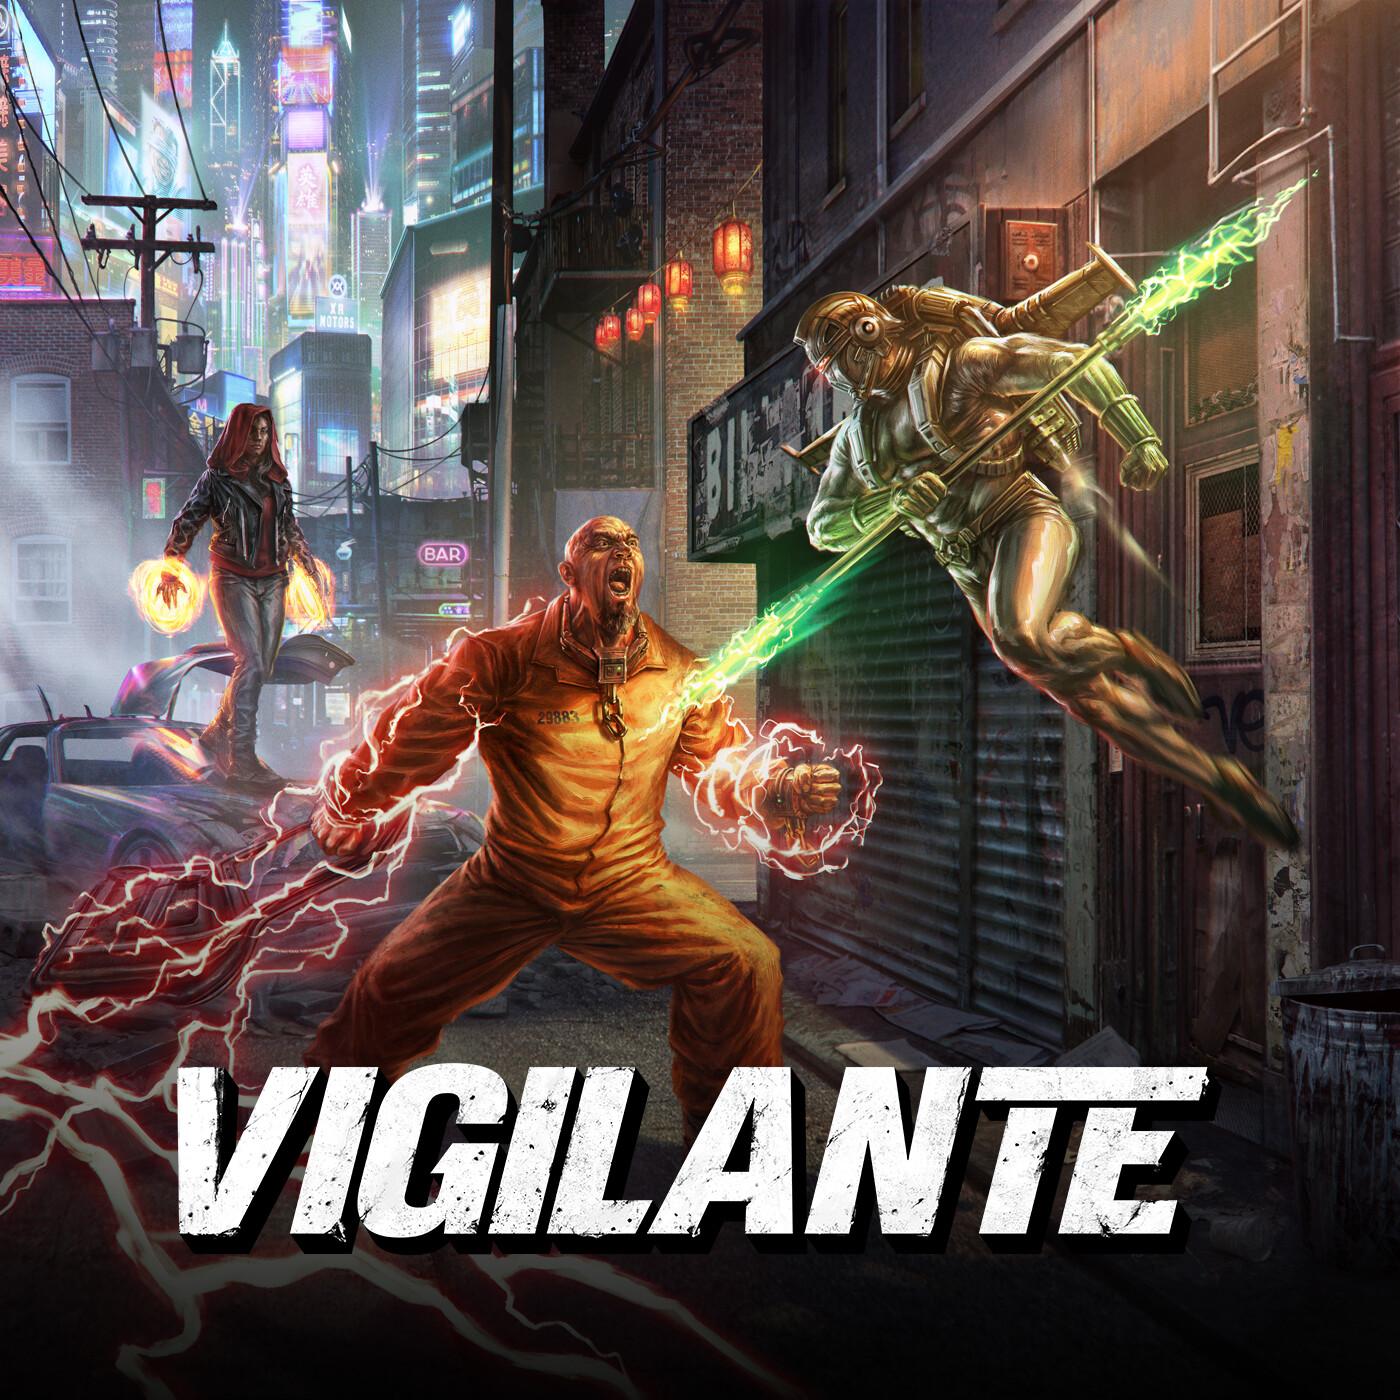 VIGILANTE : COVER ILLUSTRATION